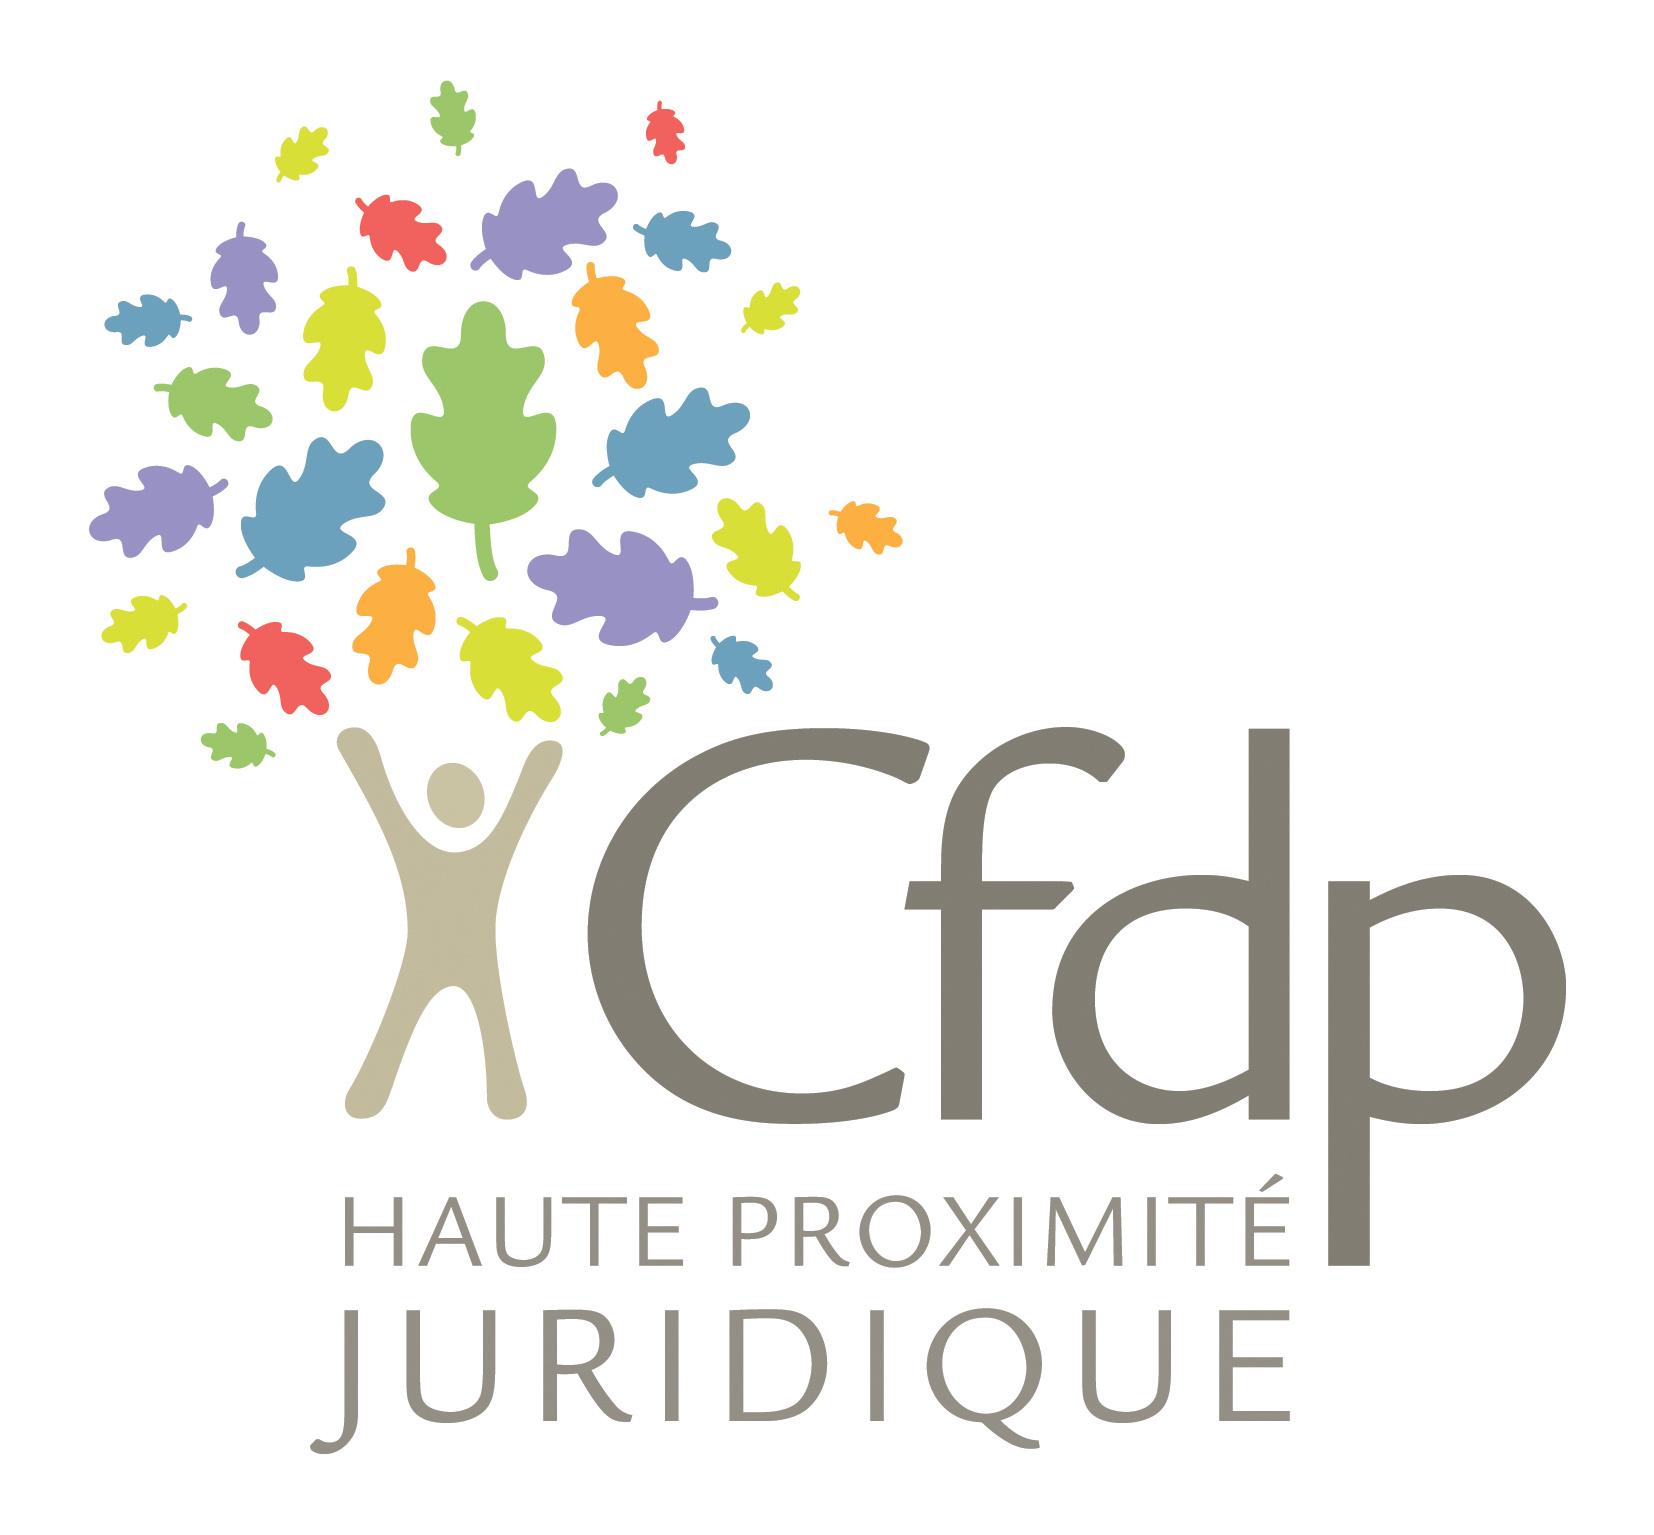 Logo cfdp (2)